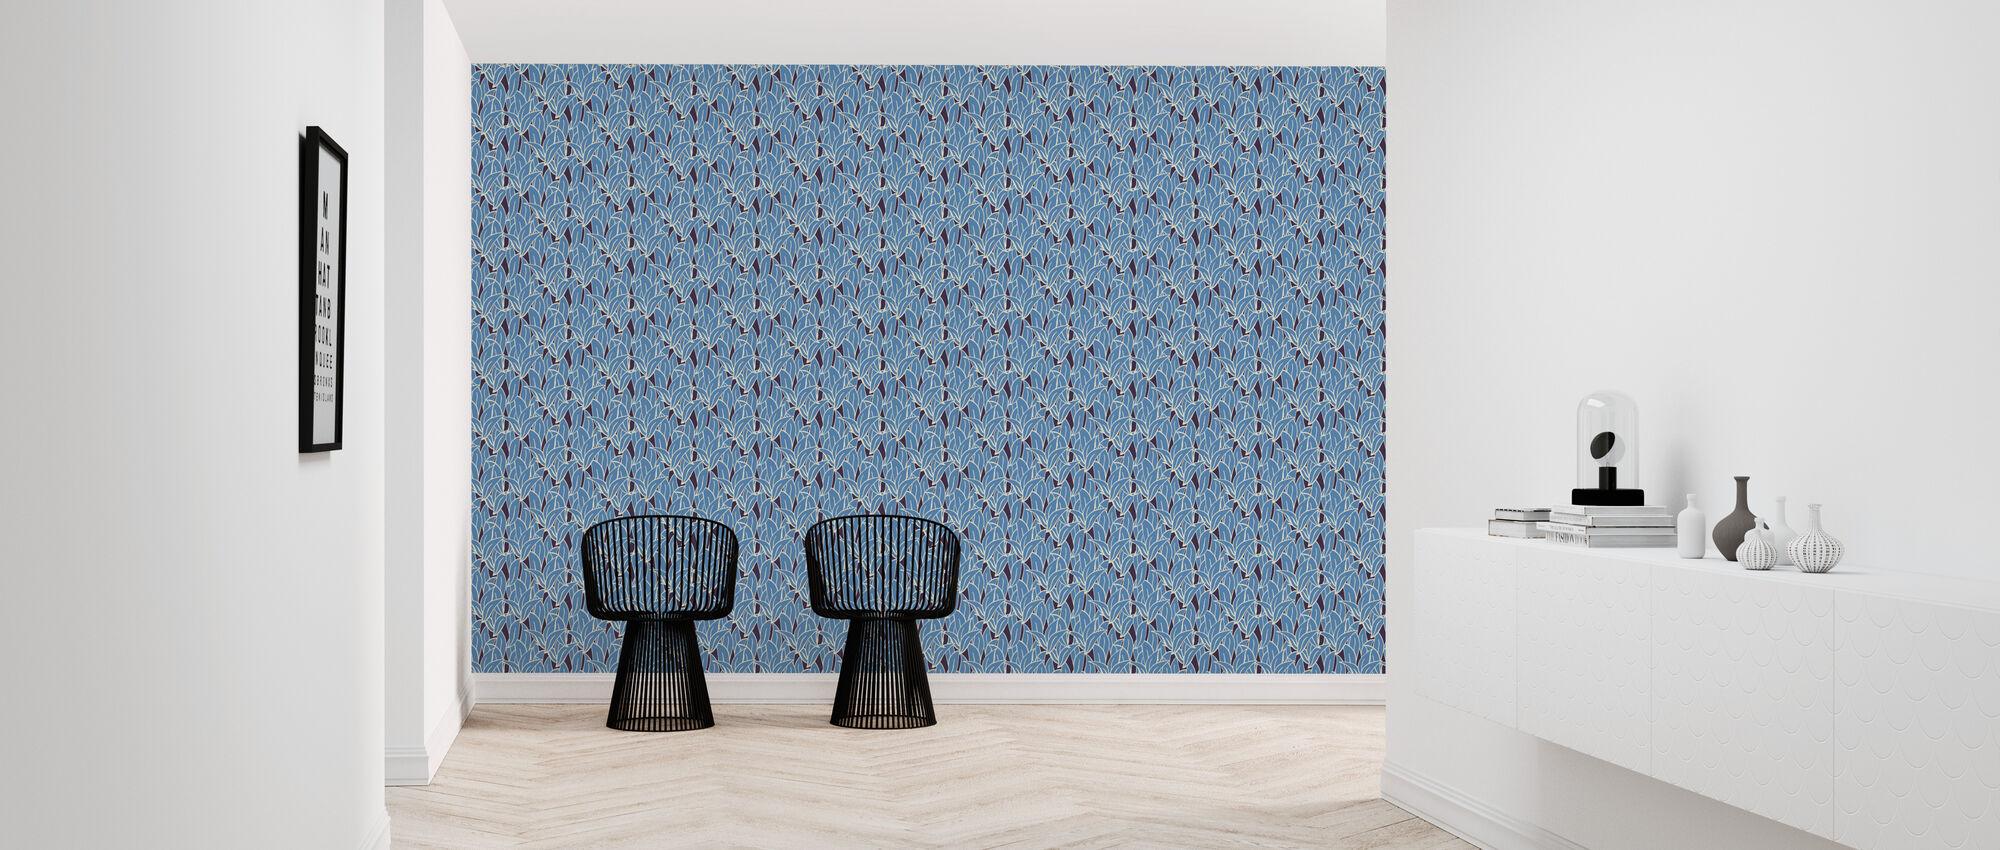 Mostly Leafs Night - Wallpaper - Hallway